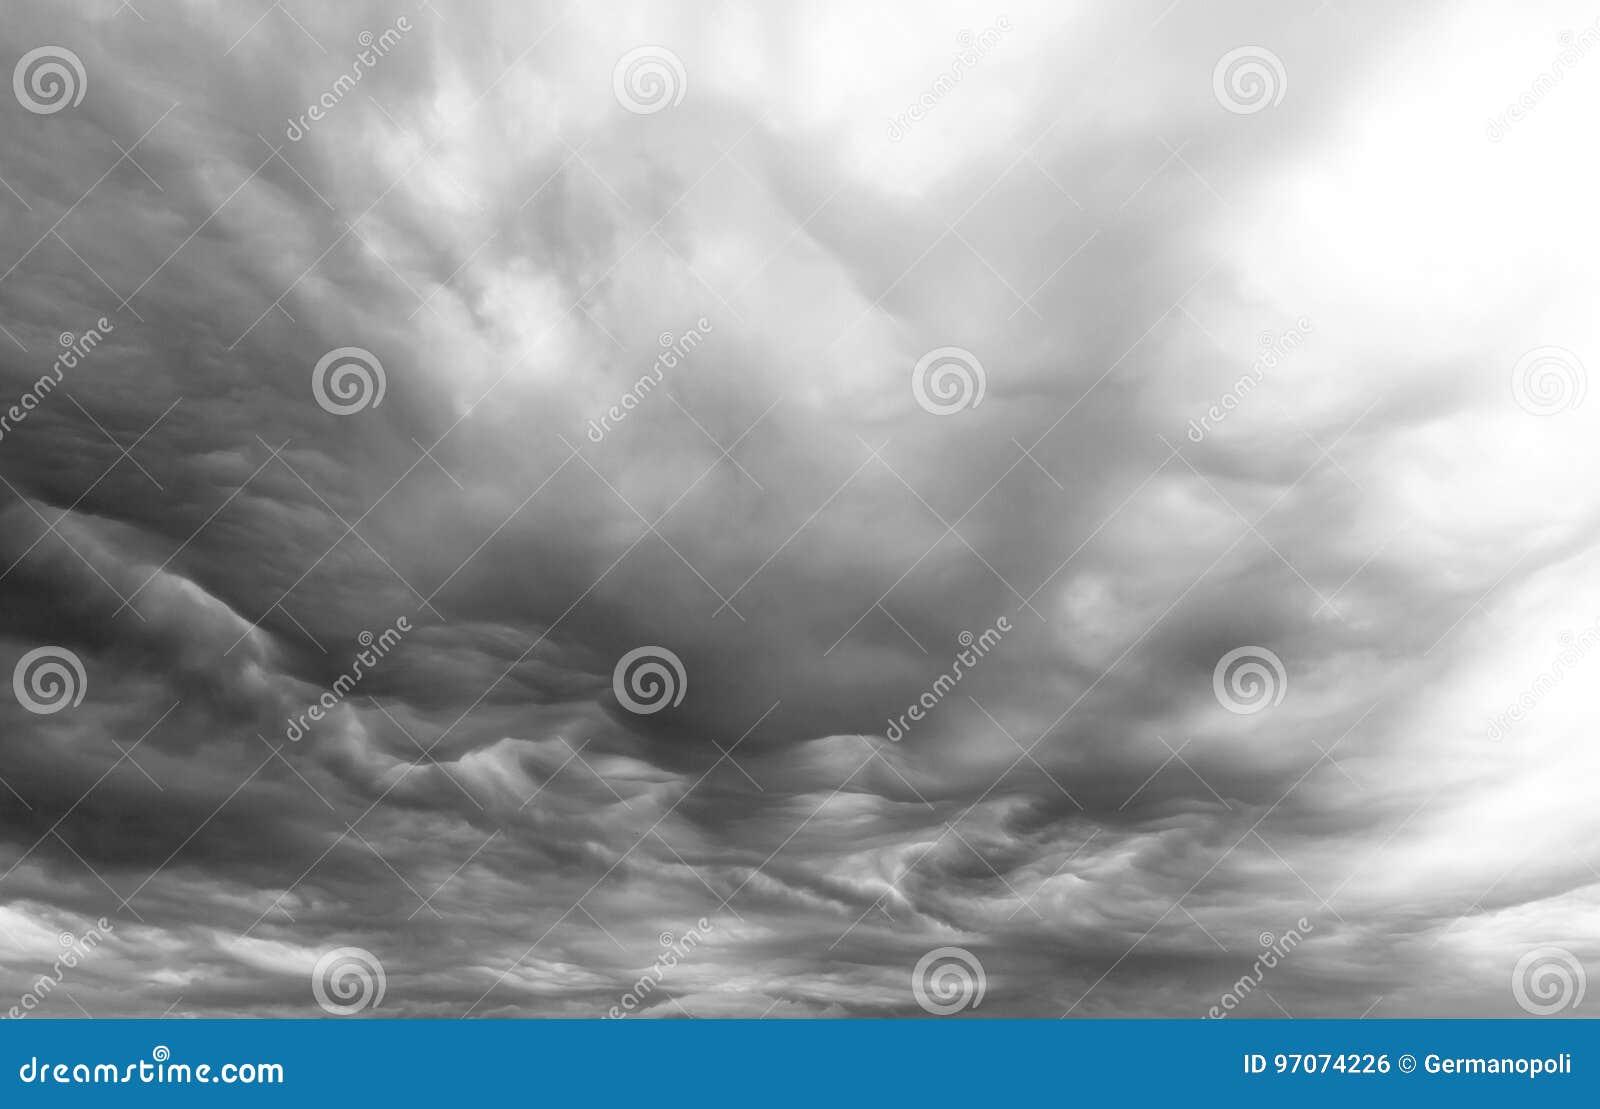 Mammatusonweerswolken